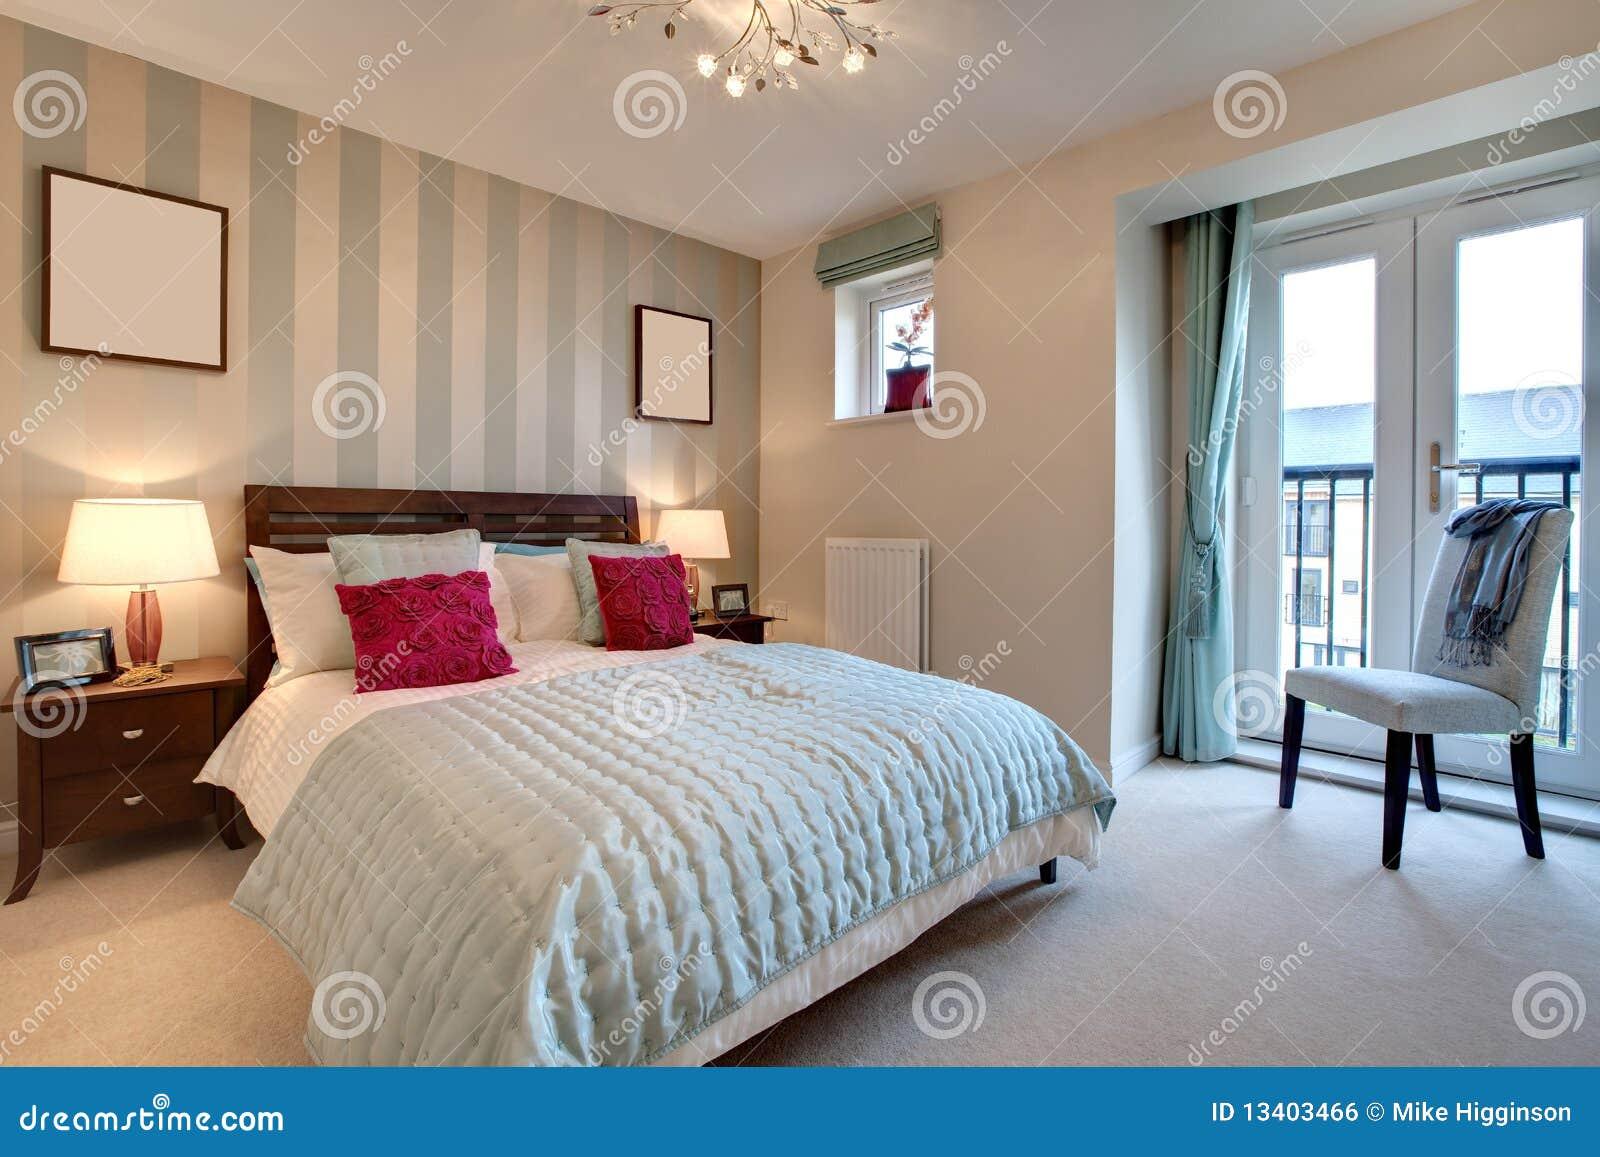 Chambre coucher moderne sophistiqu e image libre de for Achat chambre a coucher adulte